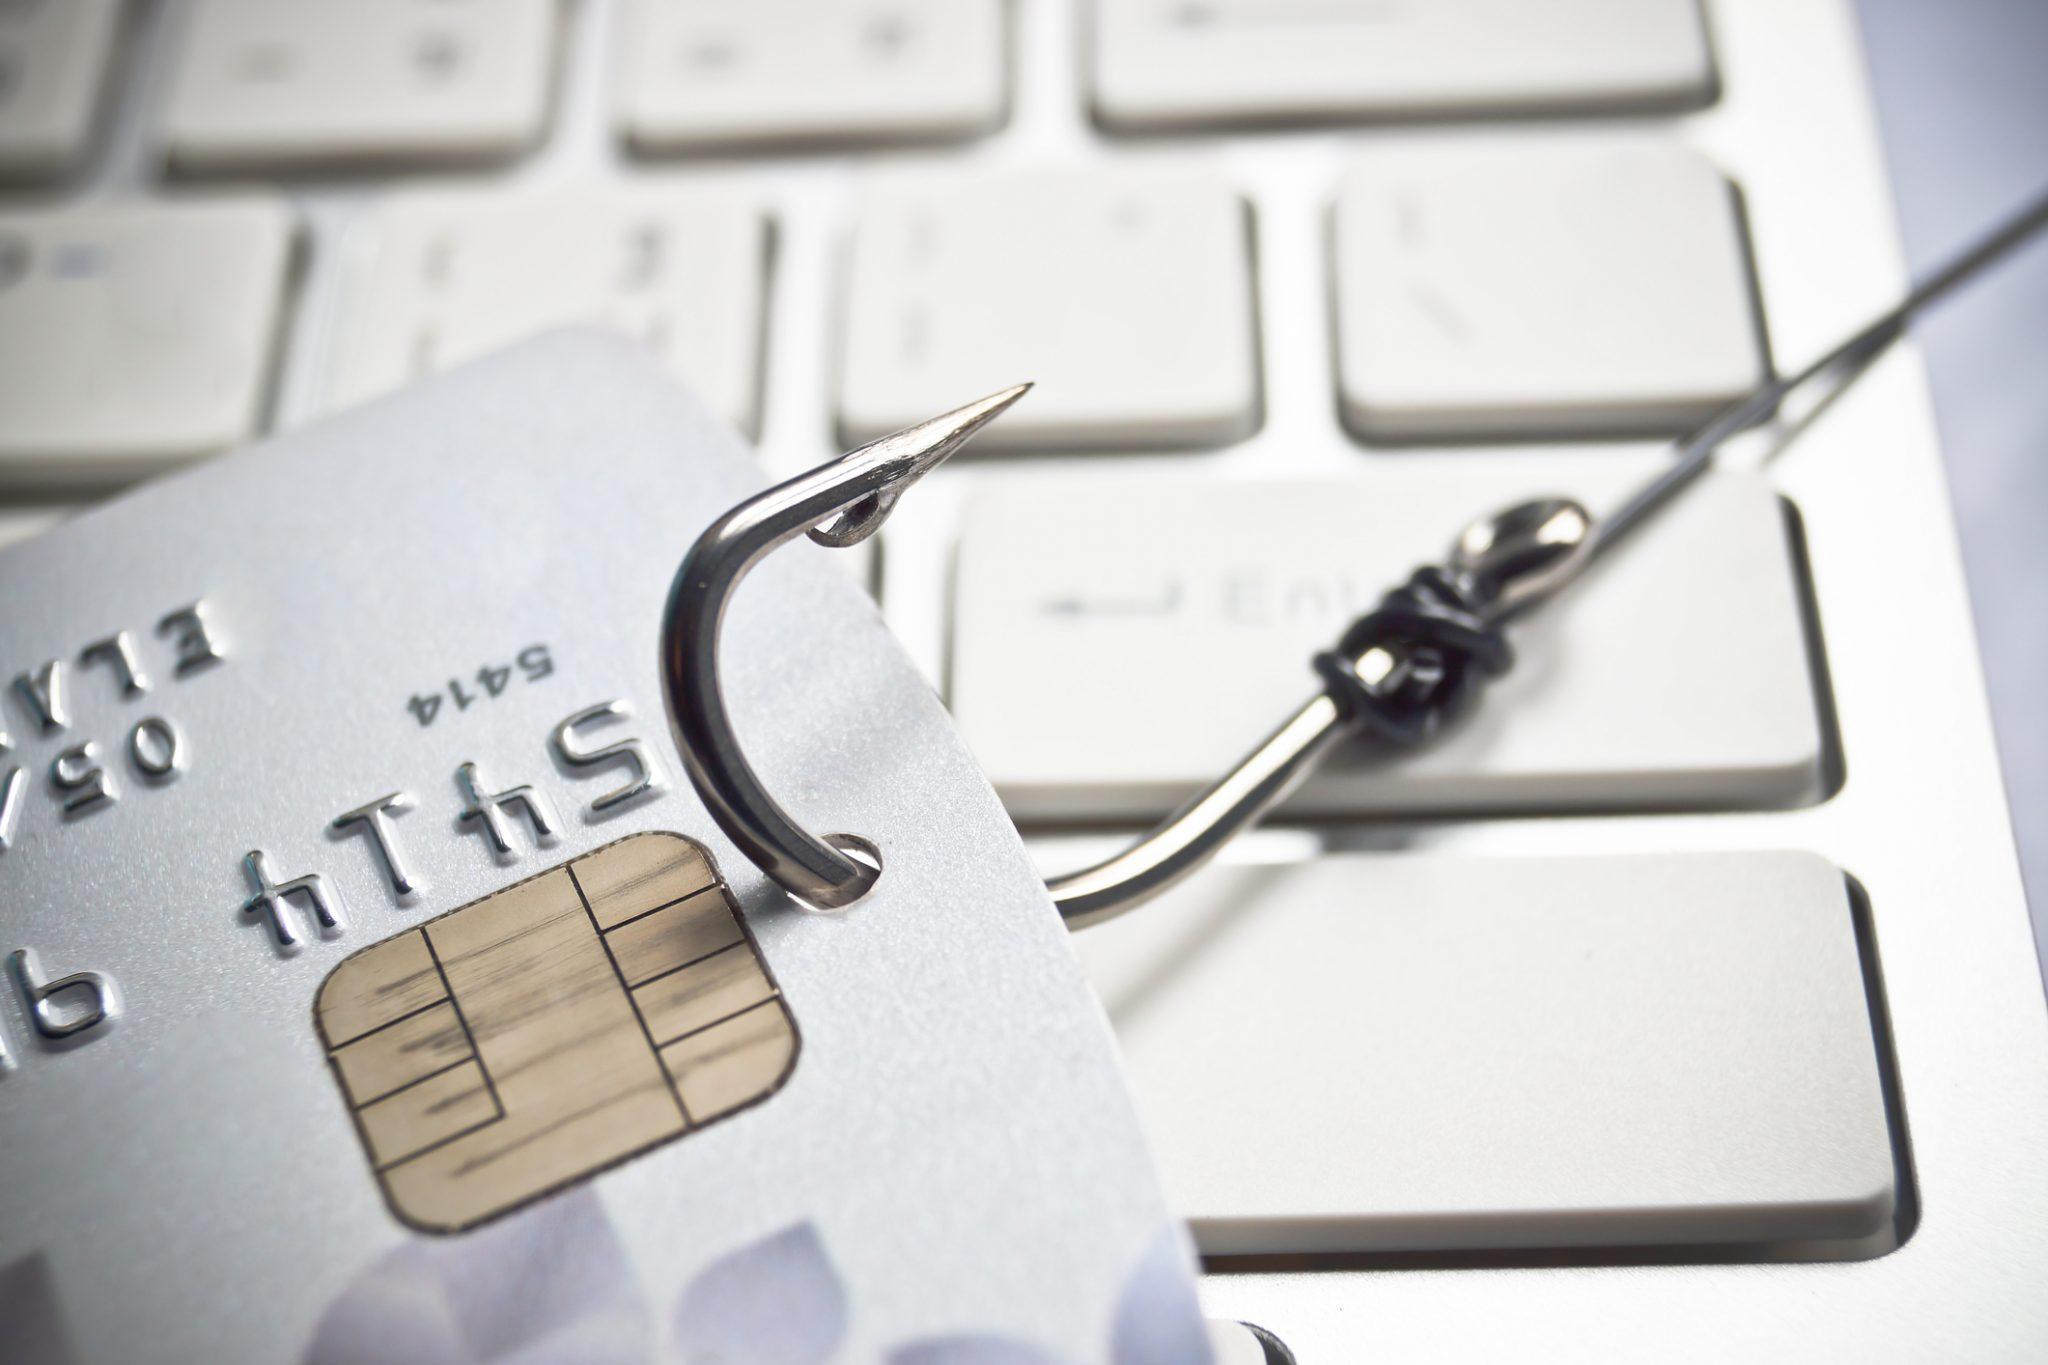 Phishing cartes bancaires sécurité fraude